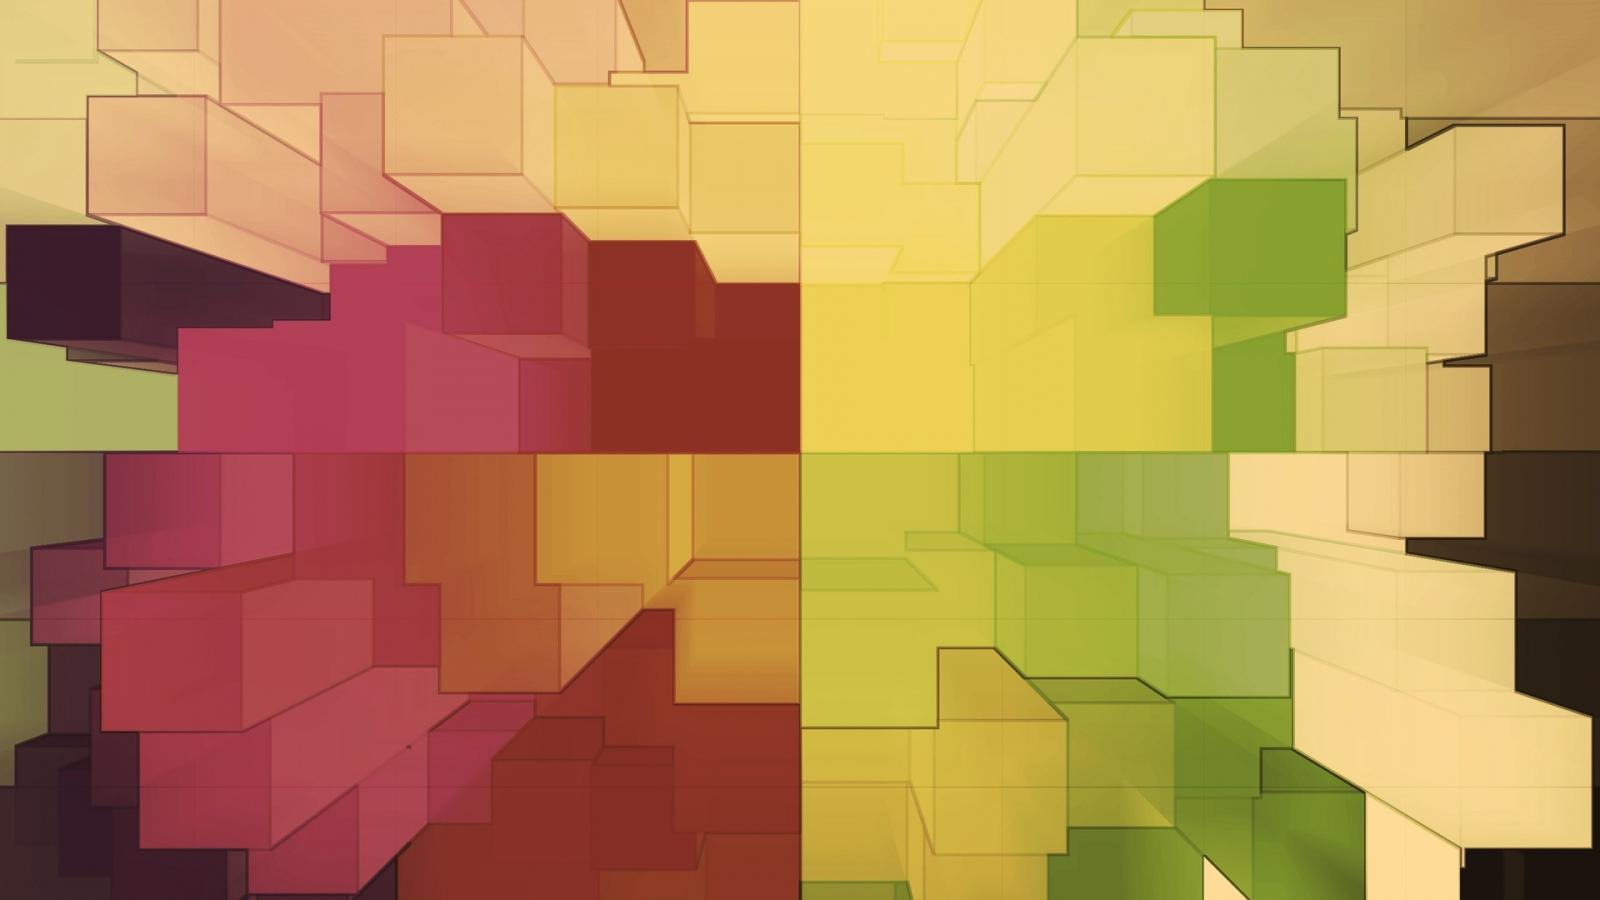 Cuadros abstractos pixelados - 1600x900